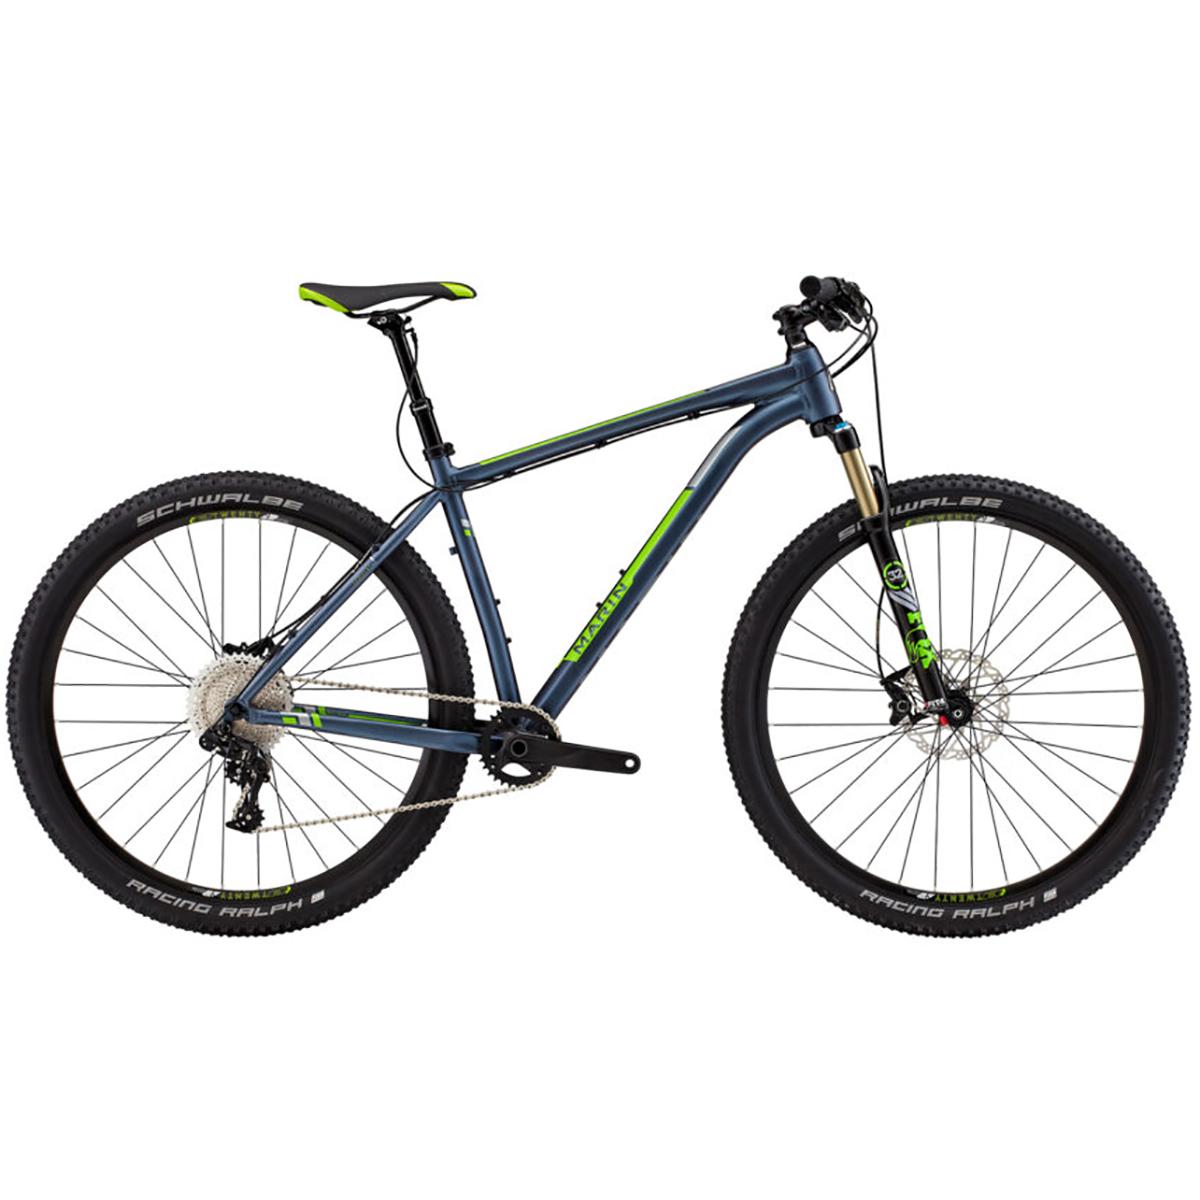 Marin Nail Trail 9.7 29er Mountain Bike - 2016